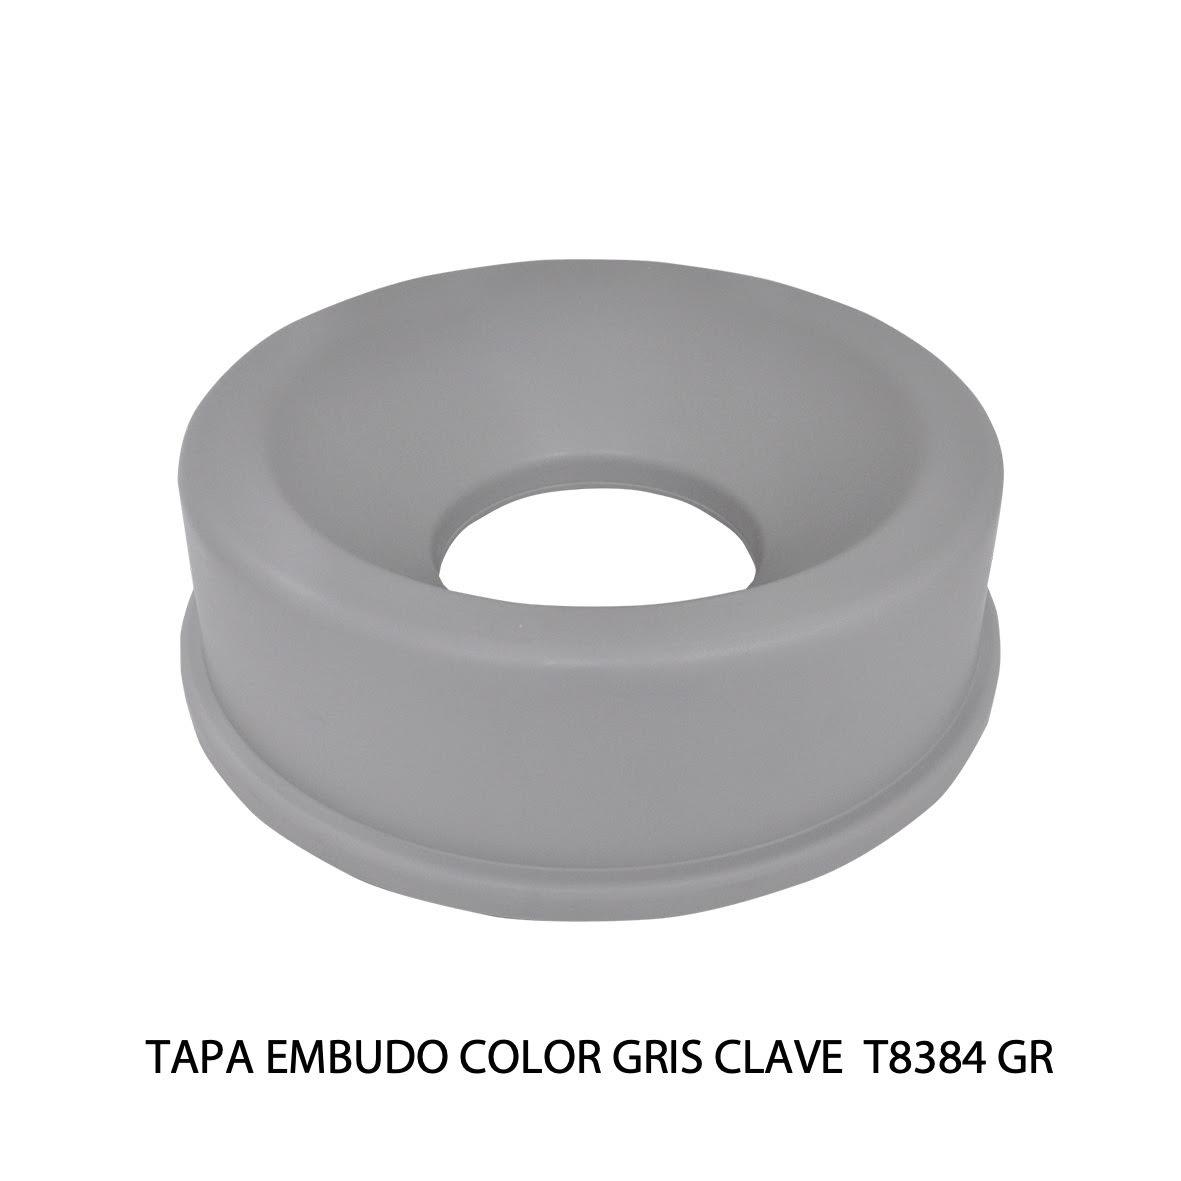 Tapa embudo color gris clave T8384 GR de Sablón